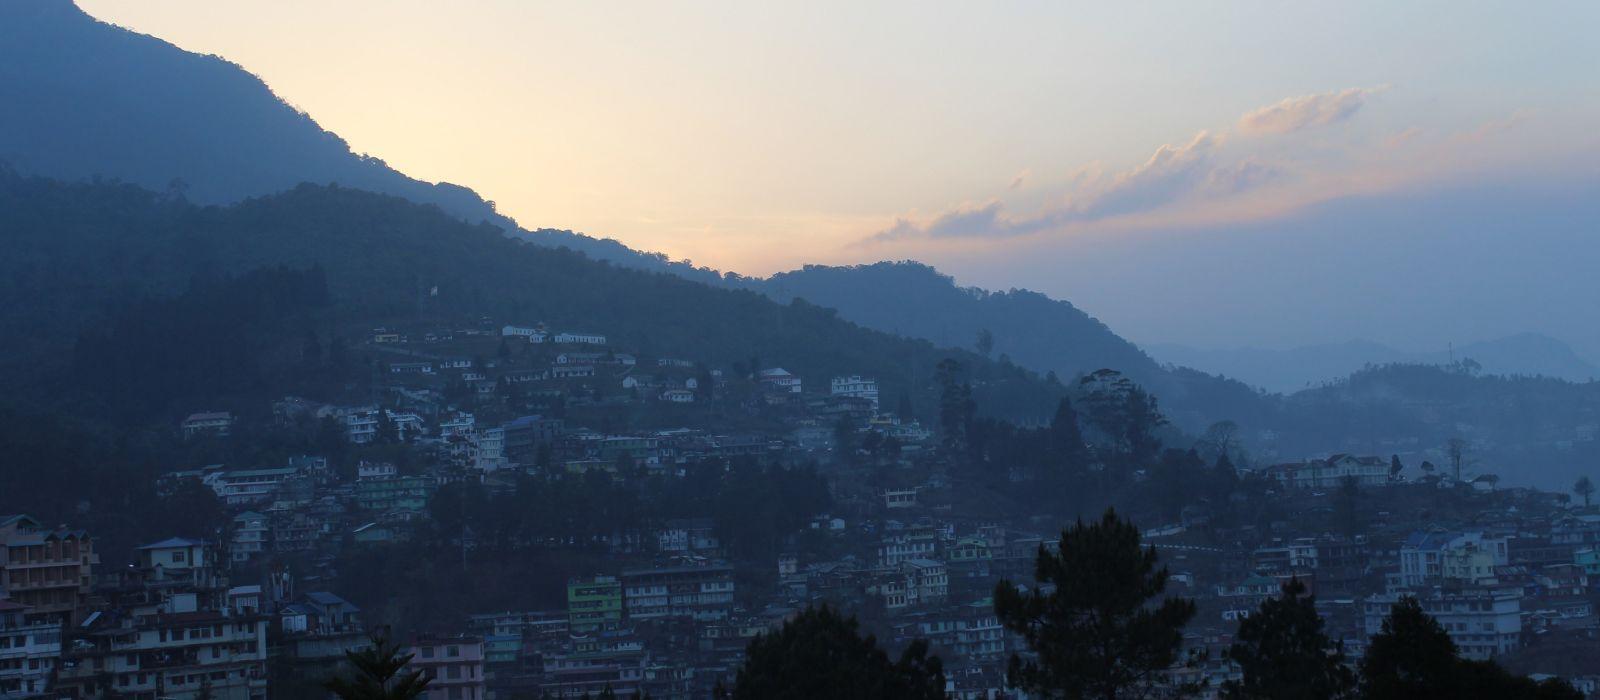 Destination Kohima East India